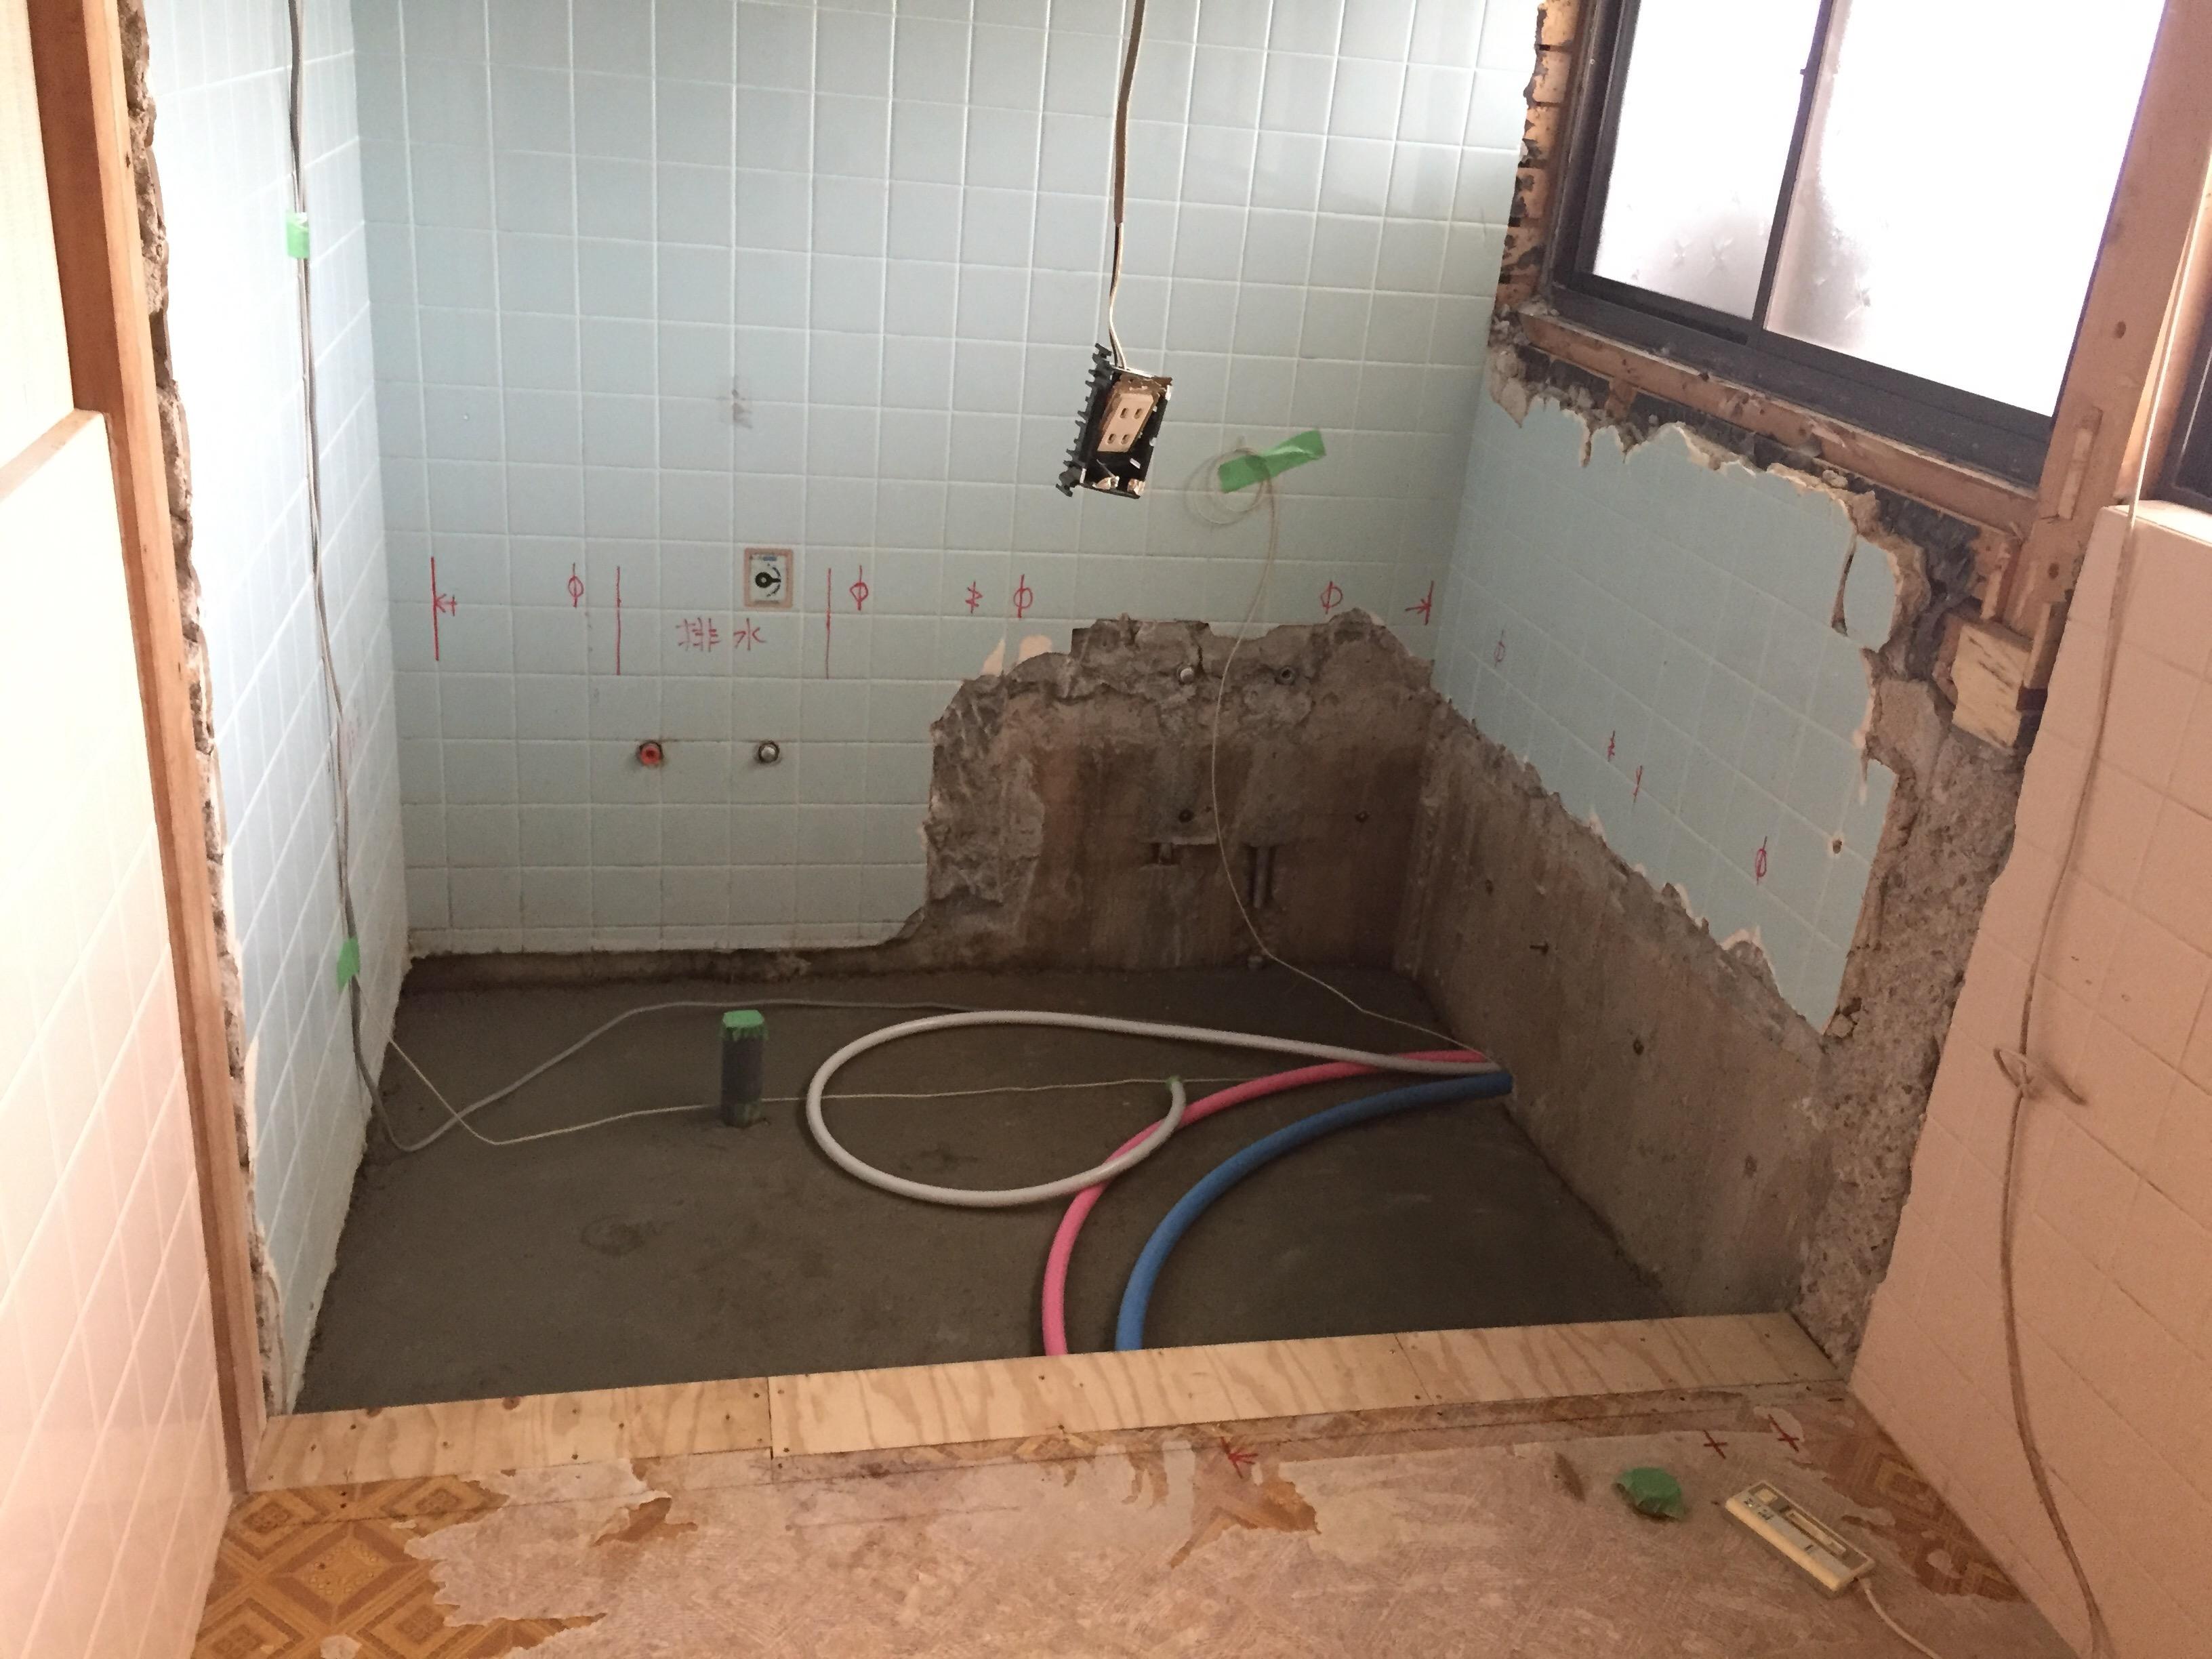 西条市でタイル貼りのお風呂からユニットバスへリフォーム施工中3